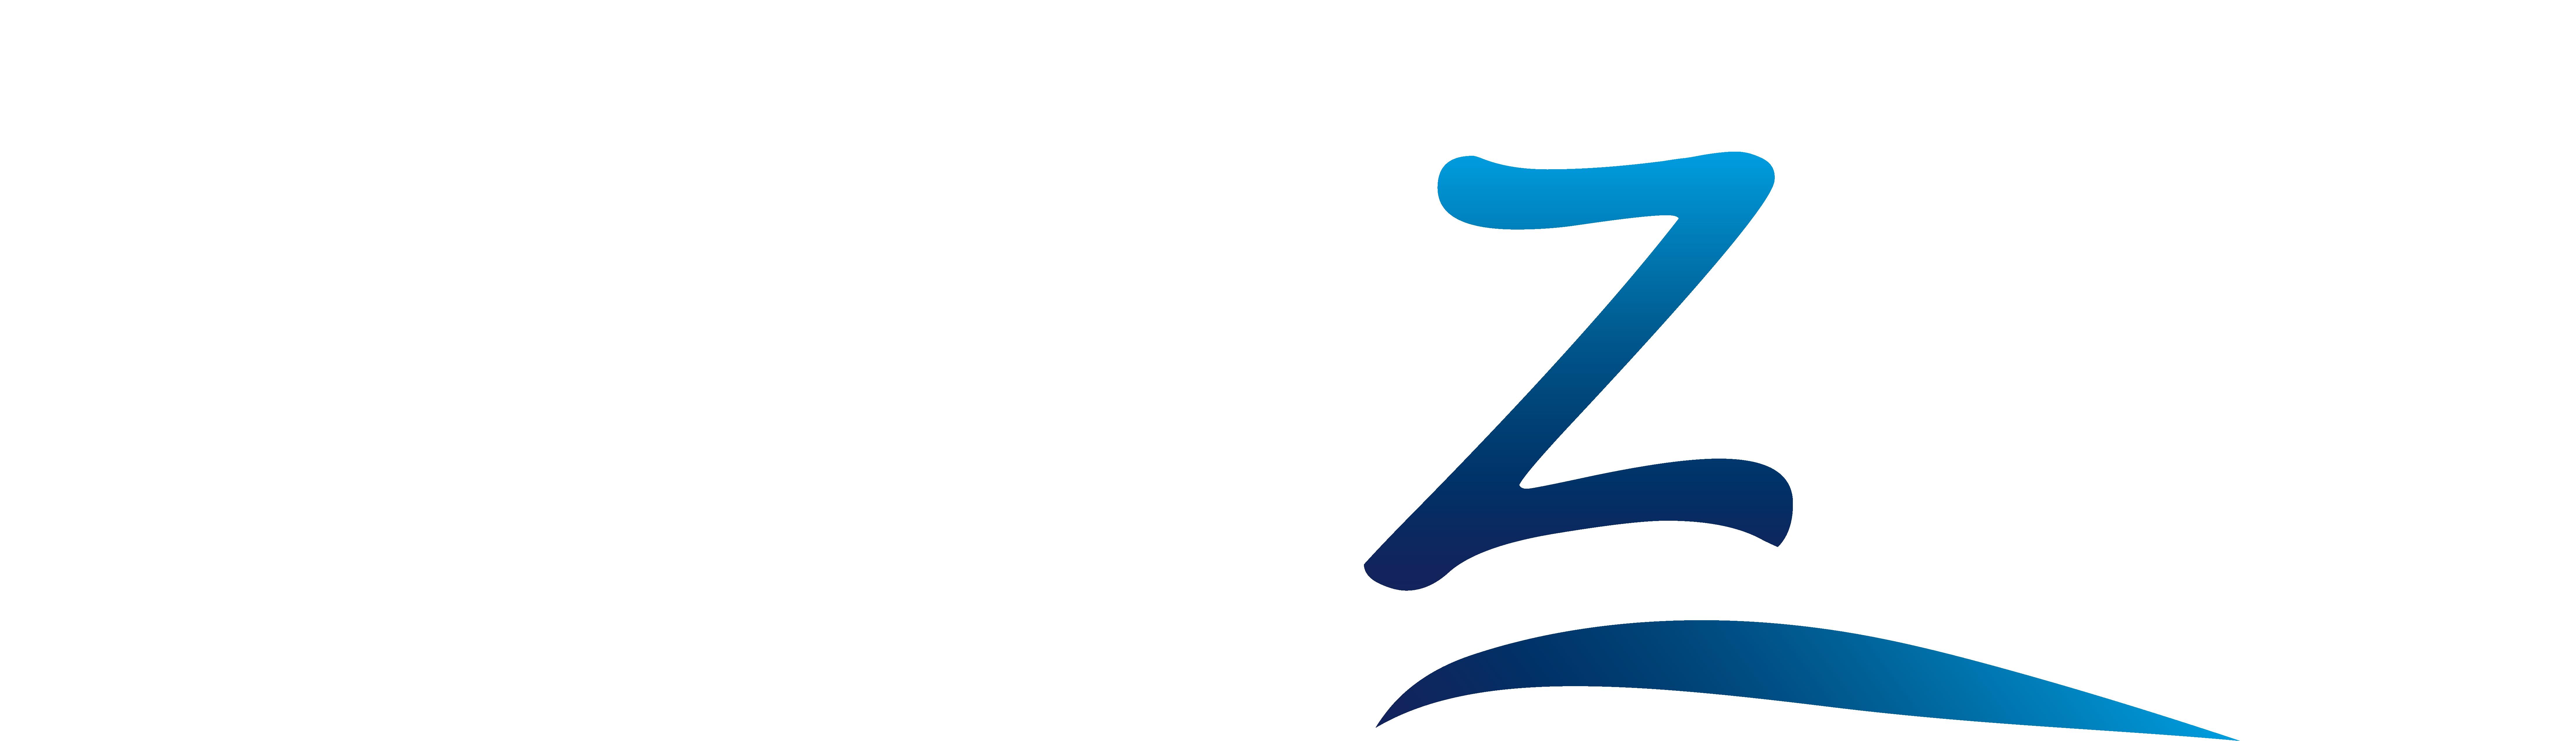 Nipazen